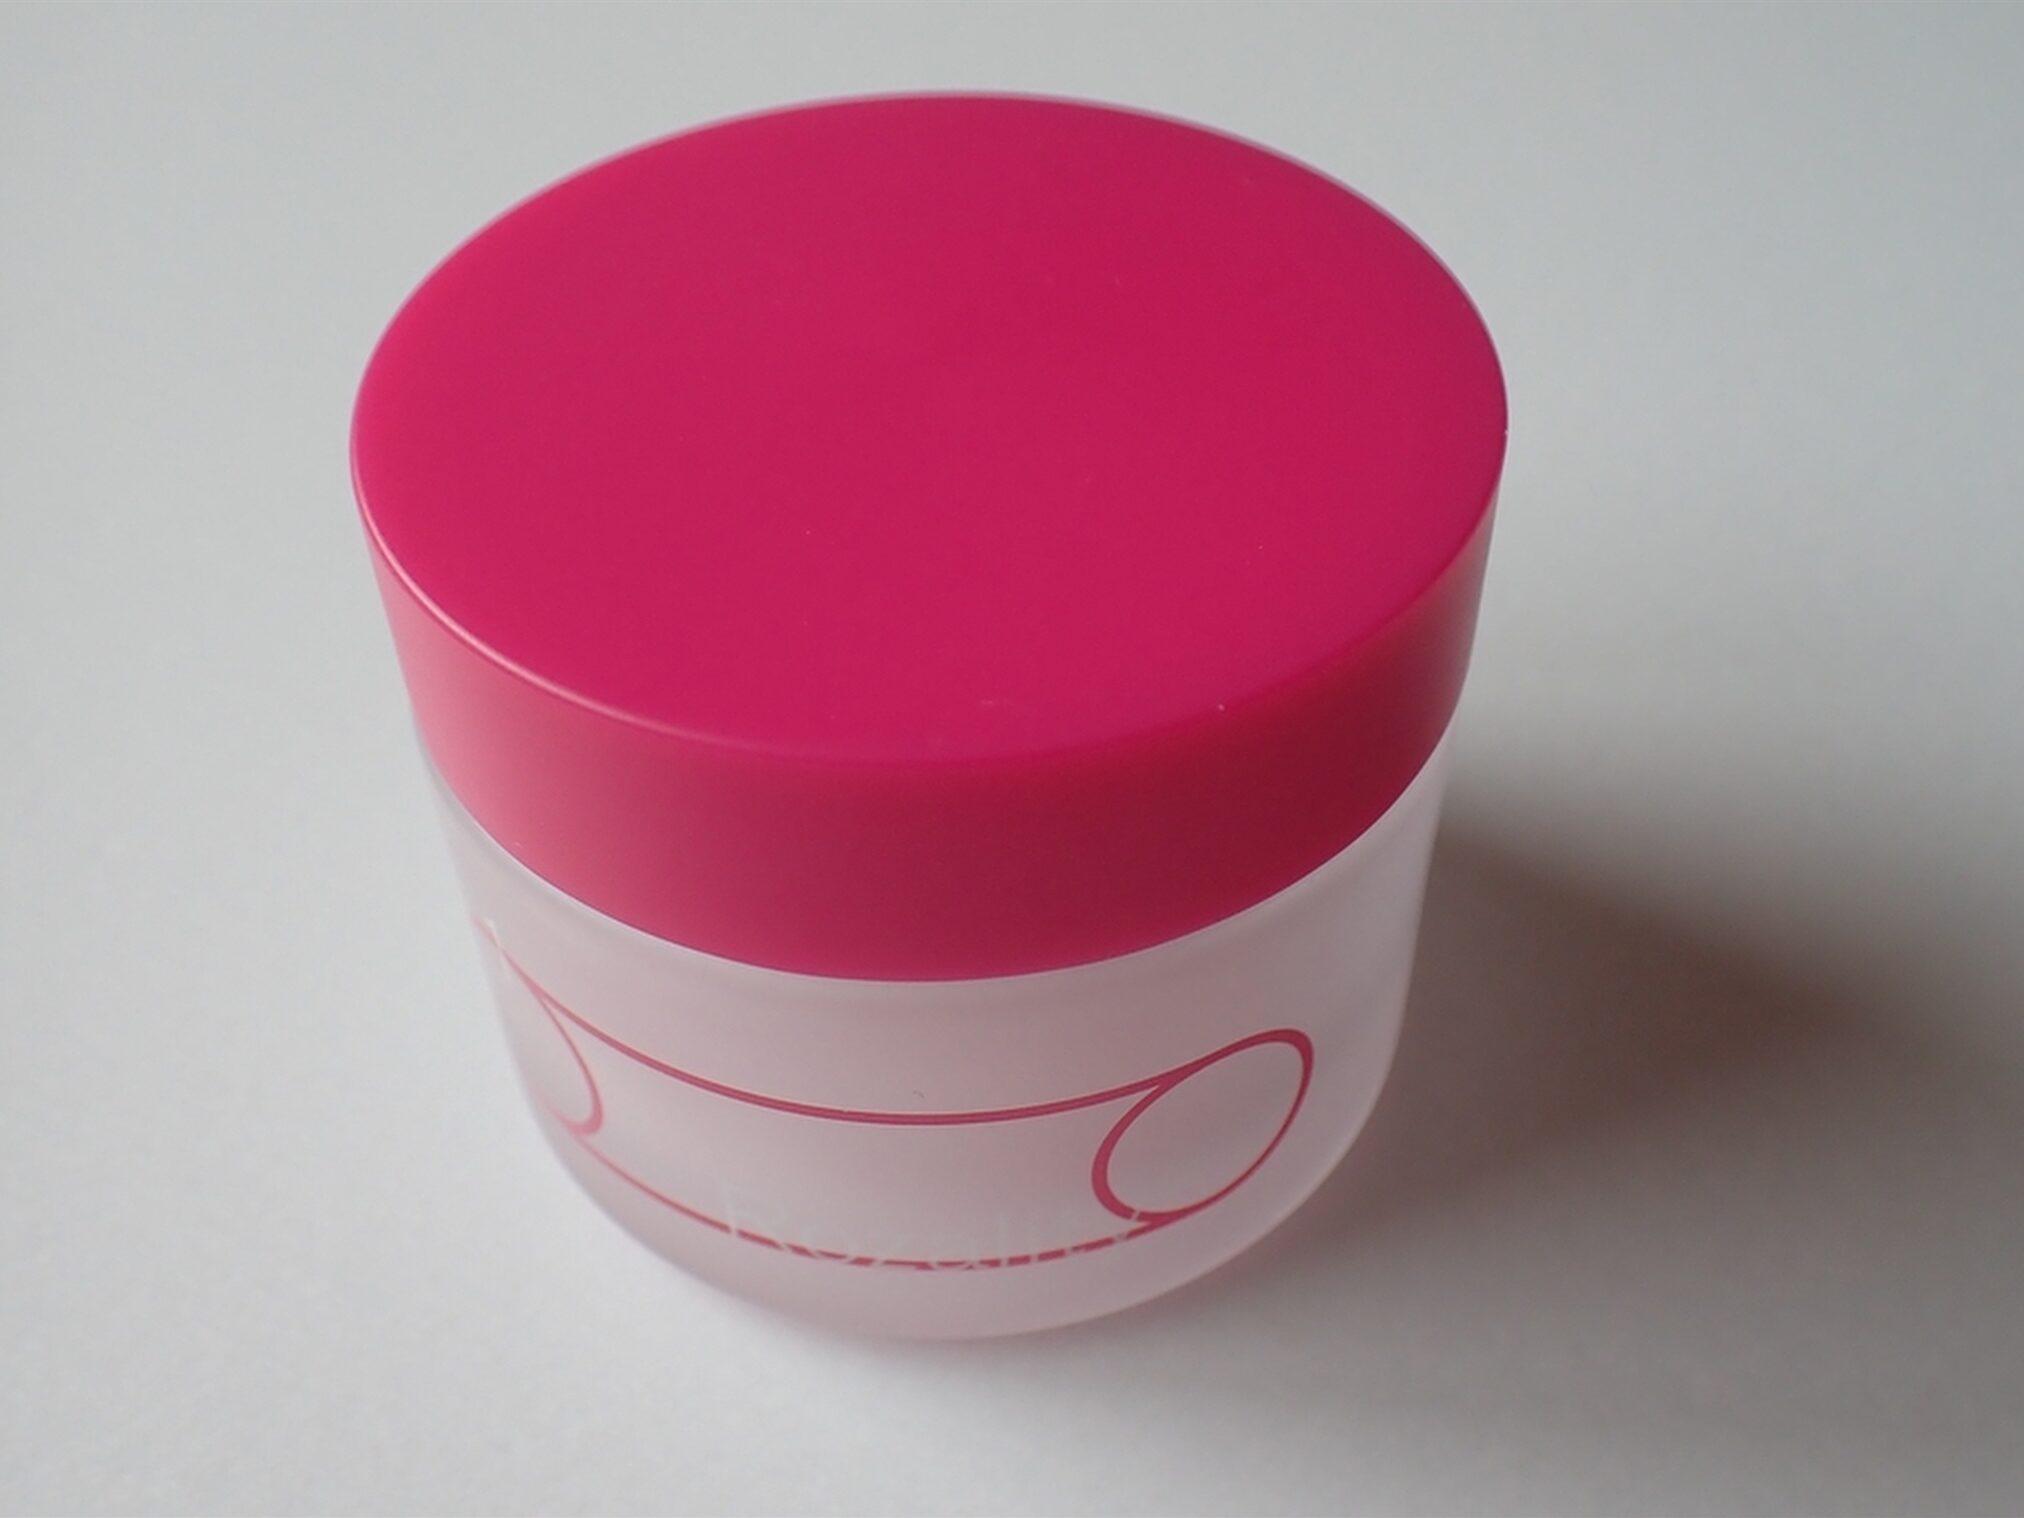 株式会社SISI Rozality ロザリティ ウォータリーマスク マットな質感のキャップで使用後はリユースして再利用できる容器になっています